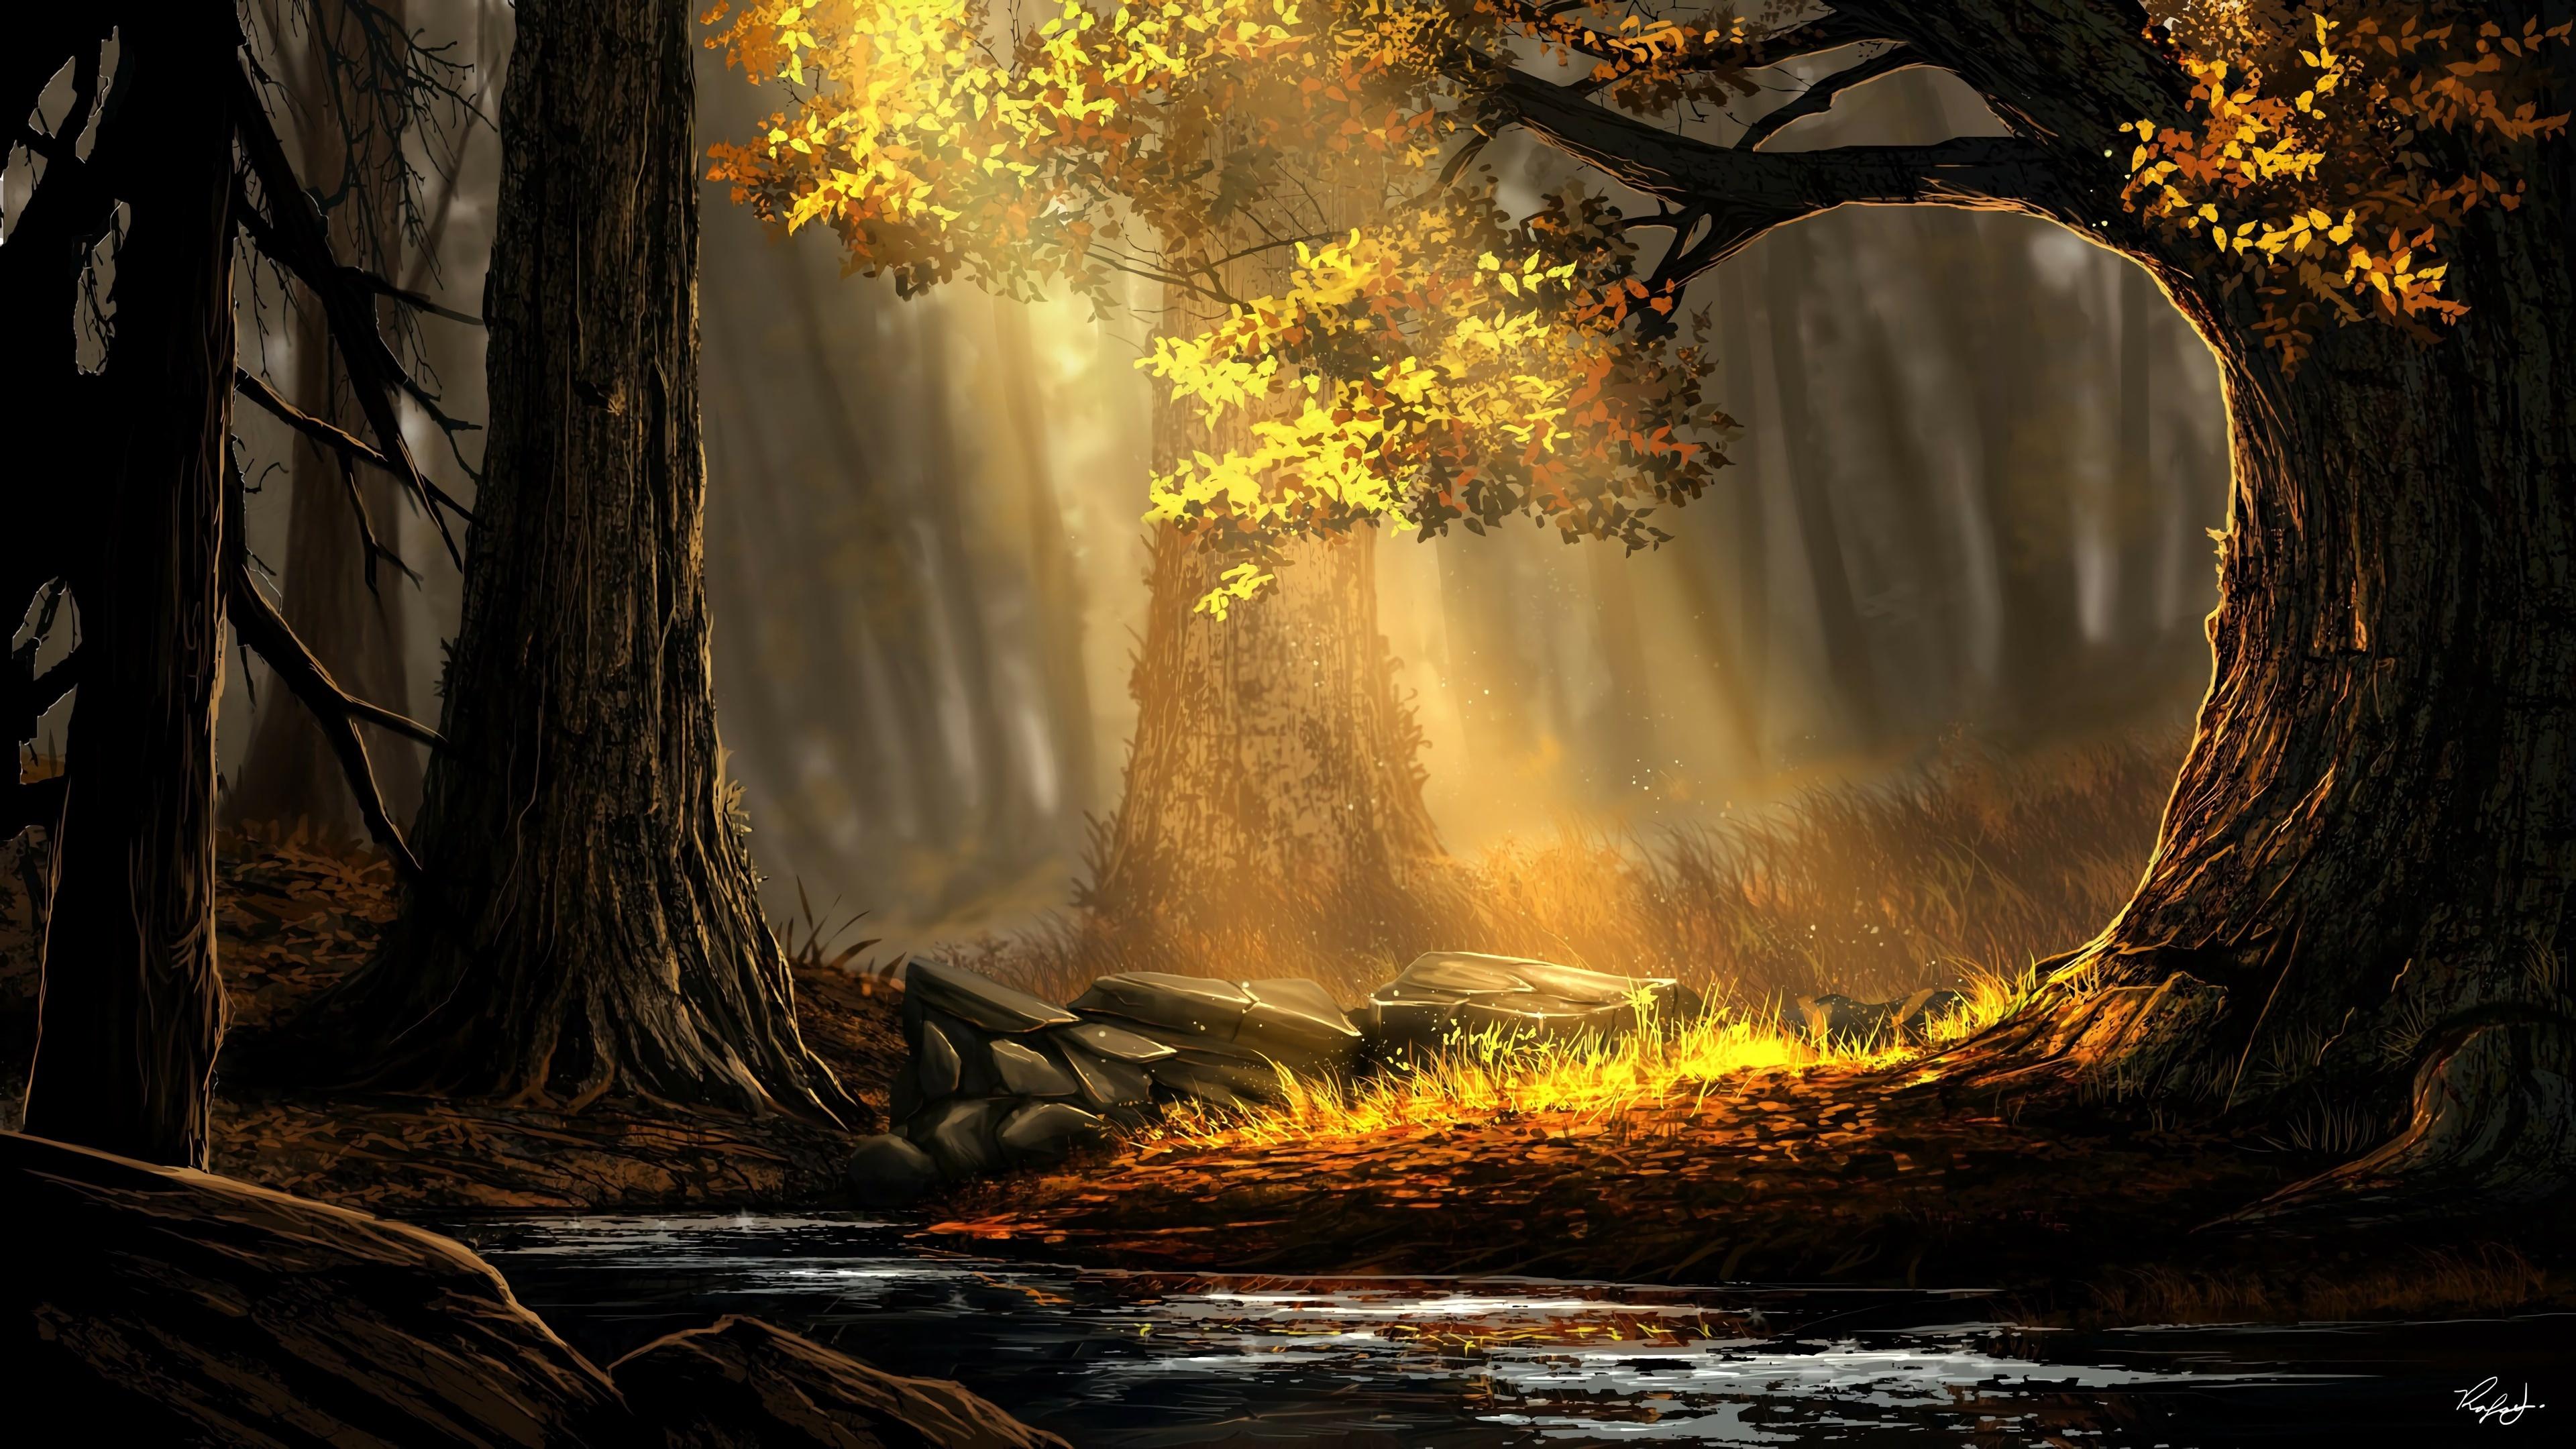 Fall Art best wallpaper